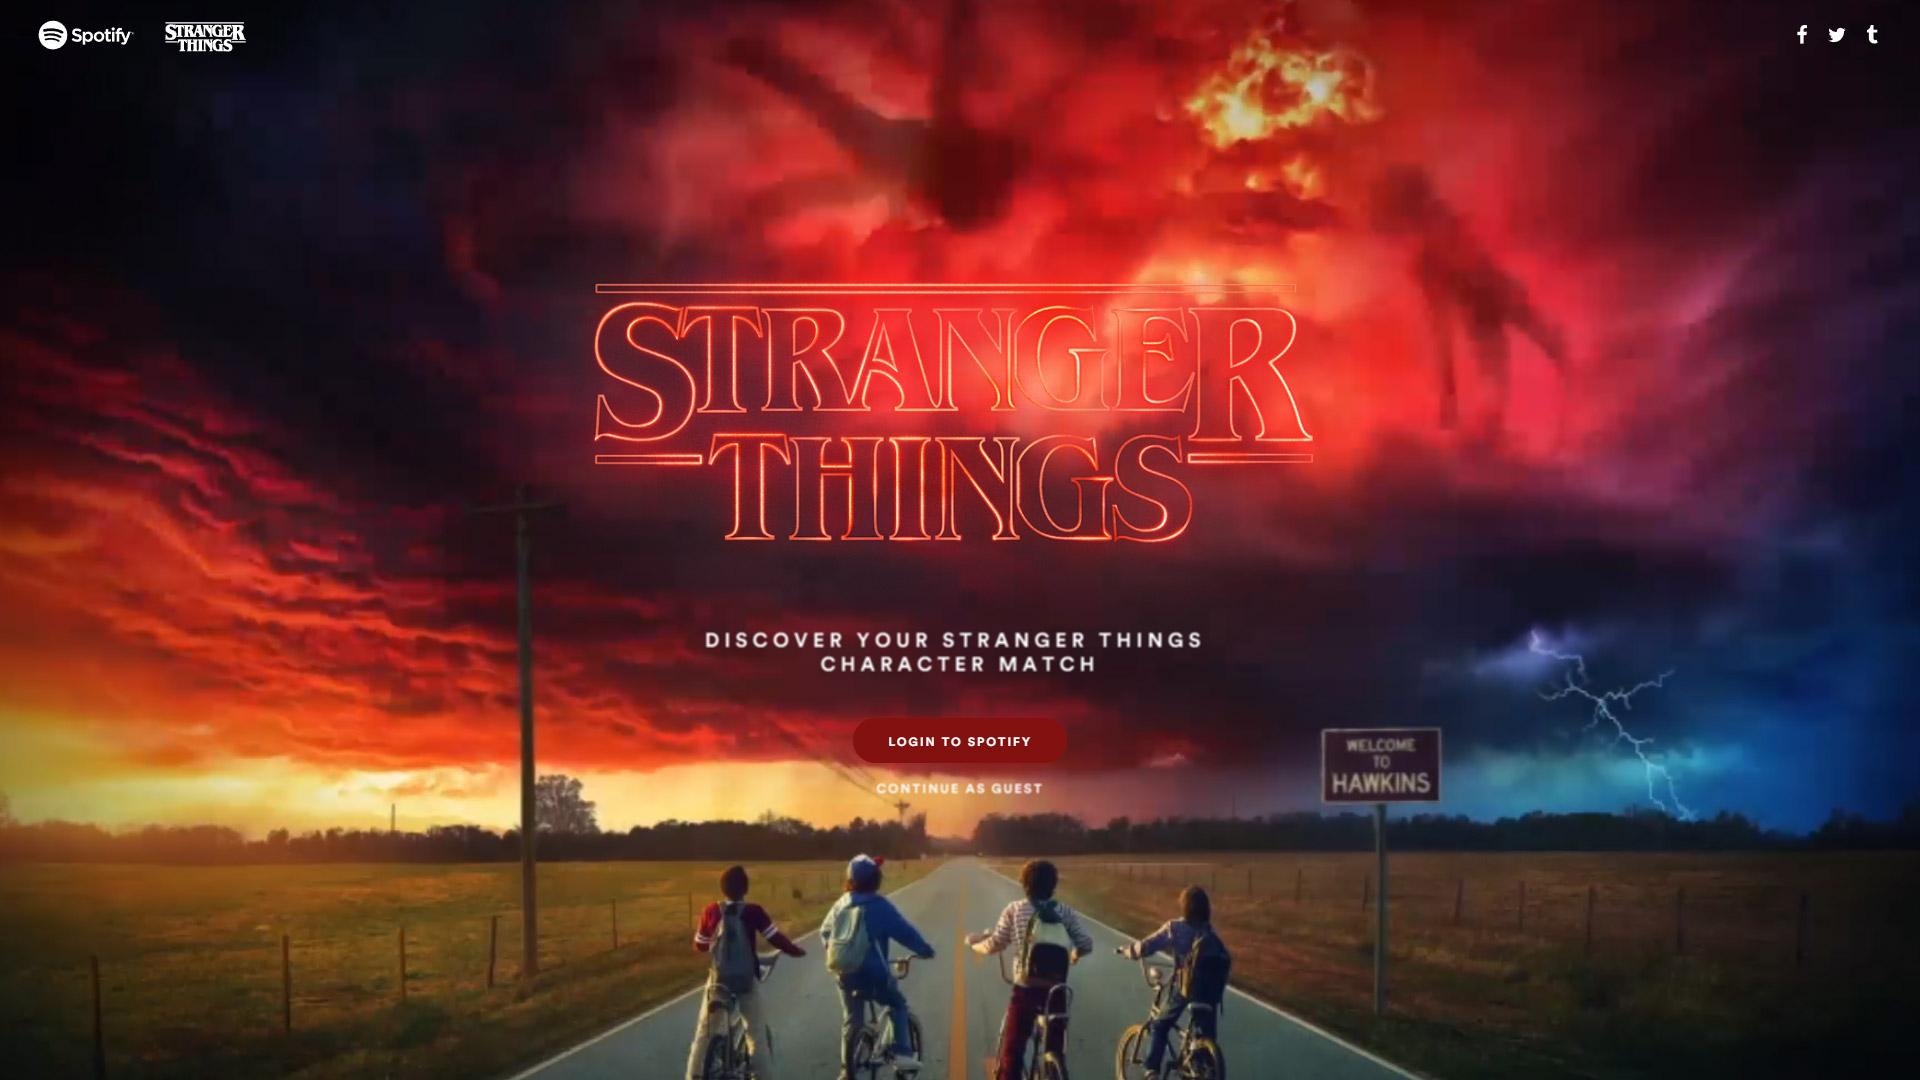 Star Wars Wallpaper Hd Spotify Celebra Stranger Things 2 Con Playlist De Cada